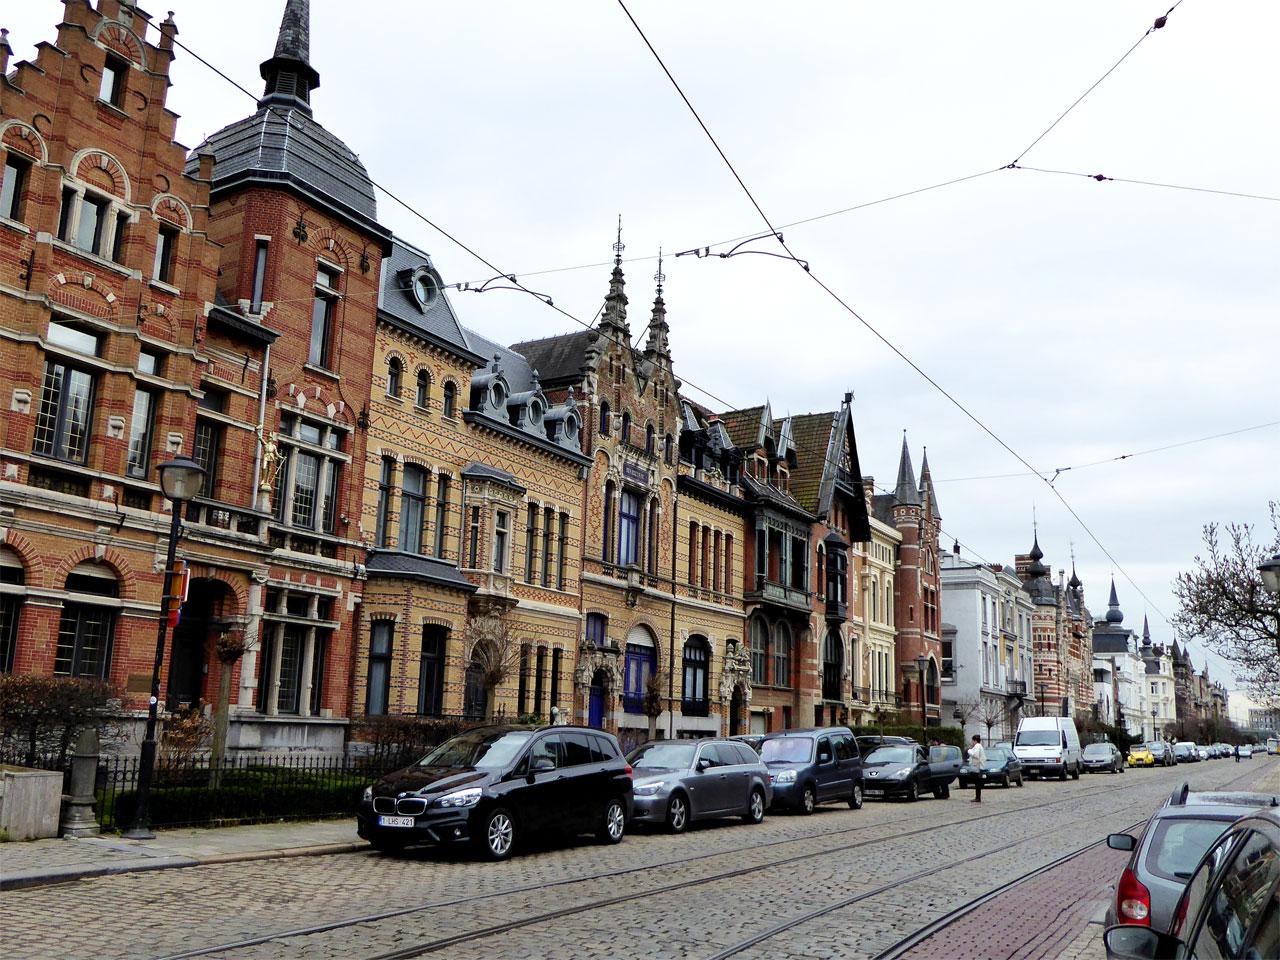 Houses on Cogels-Osylei, Zurenborg, Antwerp